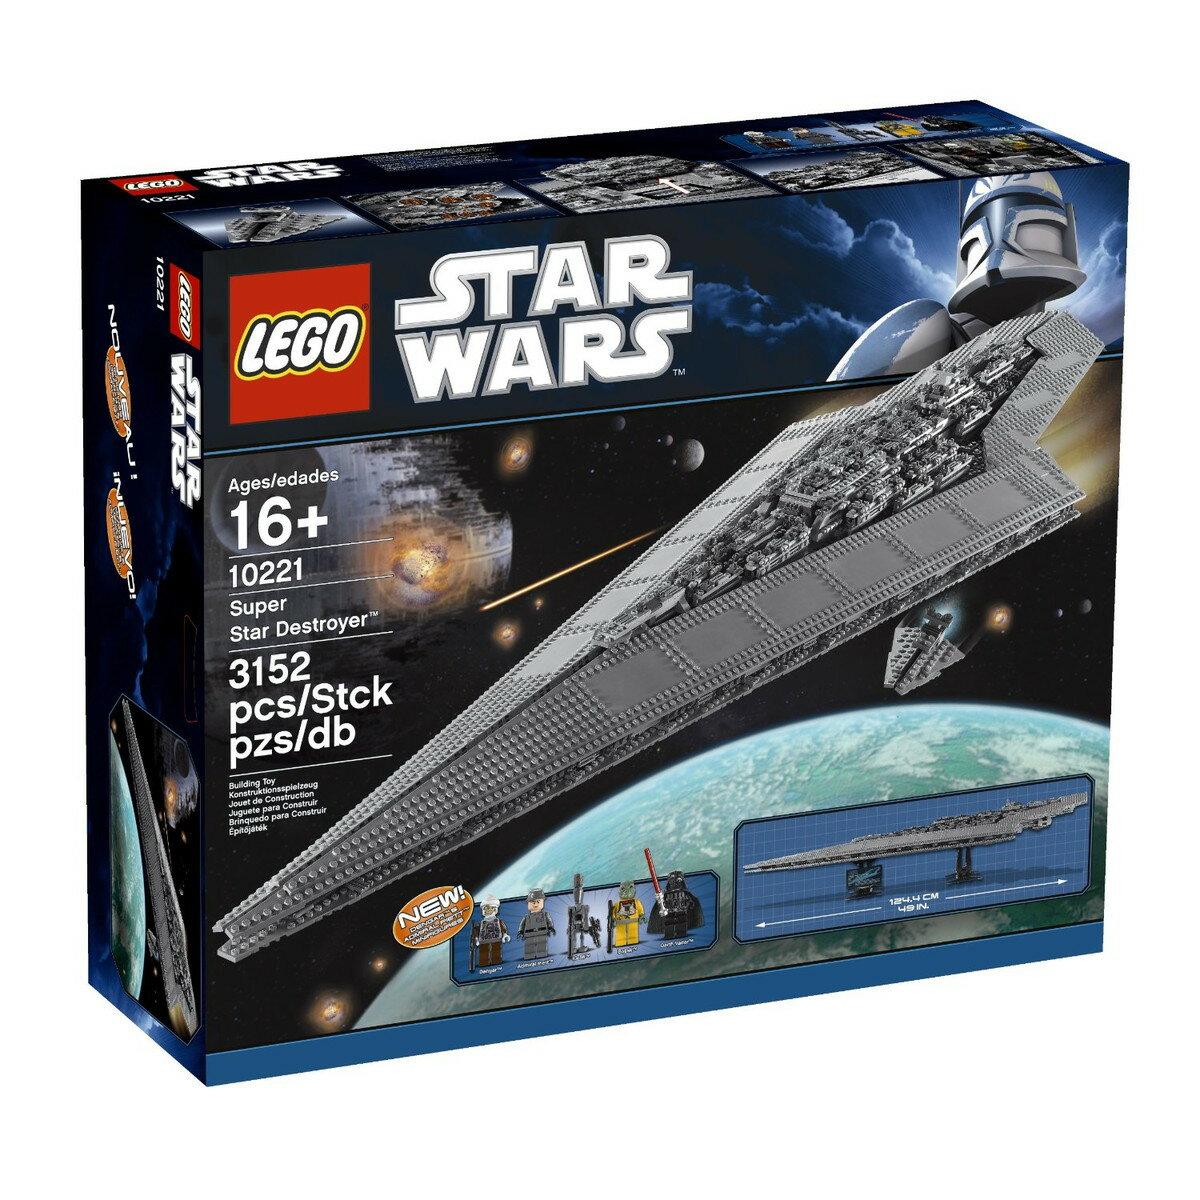 スターウォーズ レゴ LEGO スーパースターデストロイヤー 模型 おもちゃ 10221